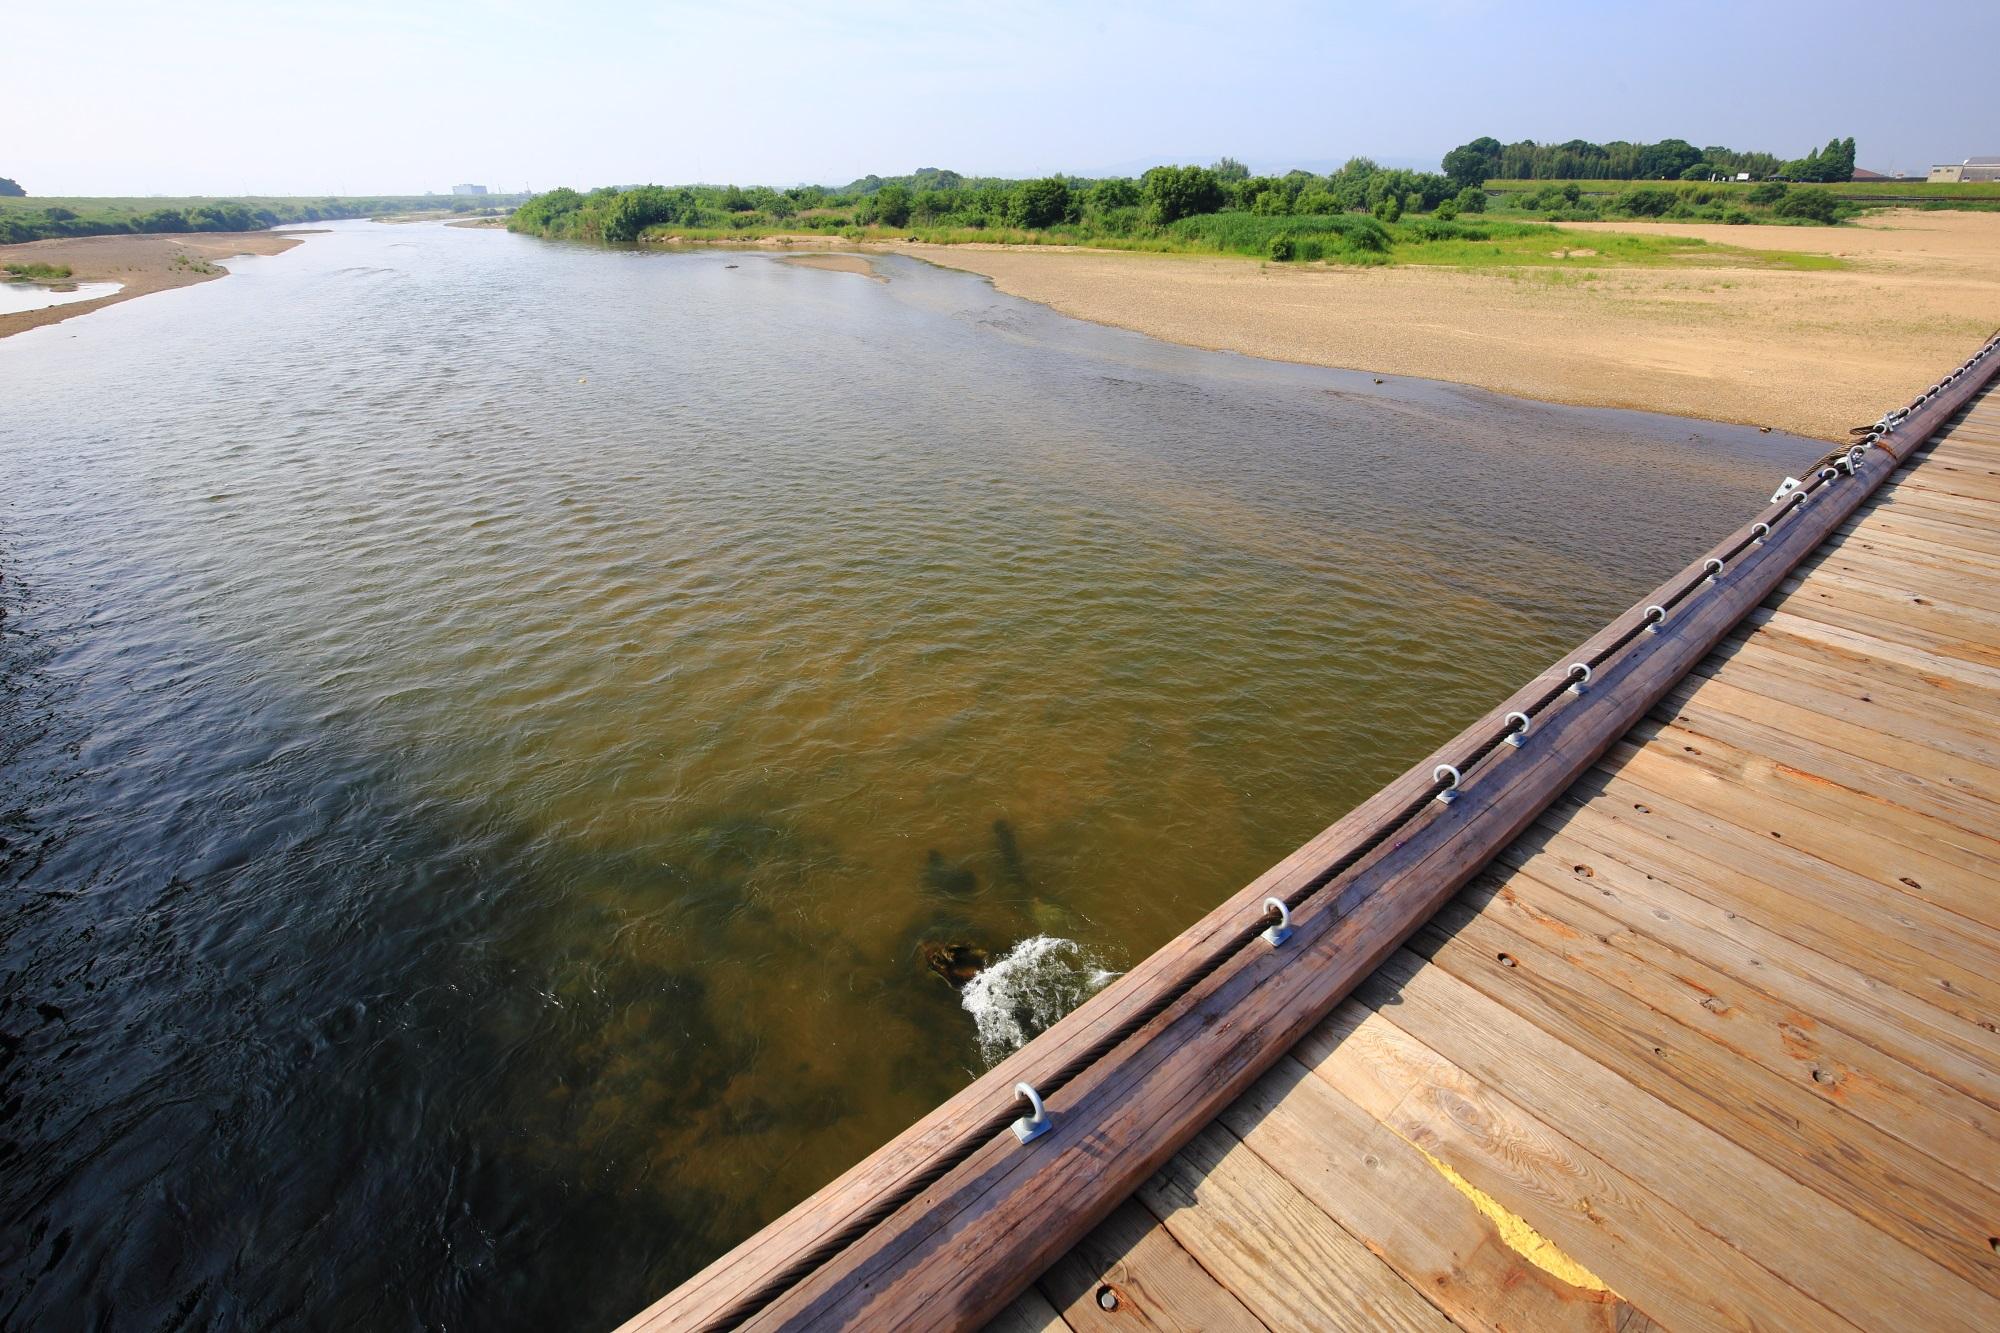 流れ橋 写真 高画質 木津川 上津屋橋